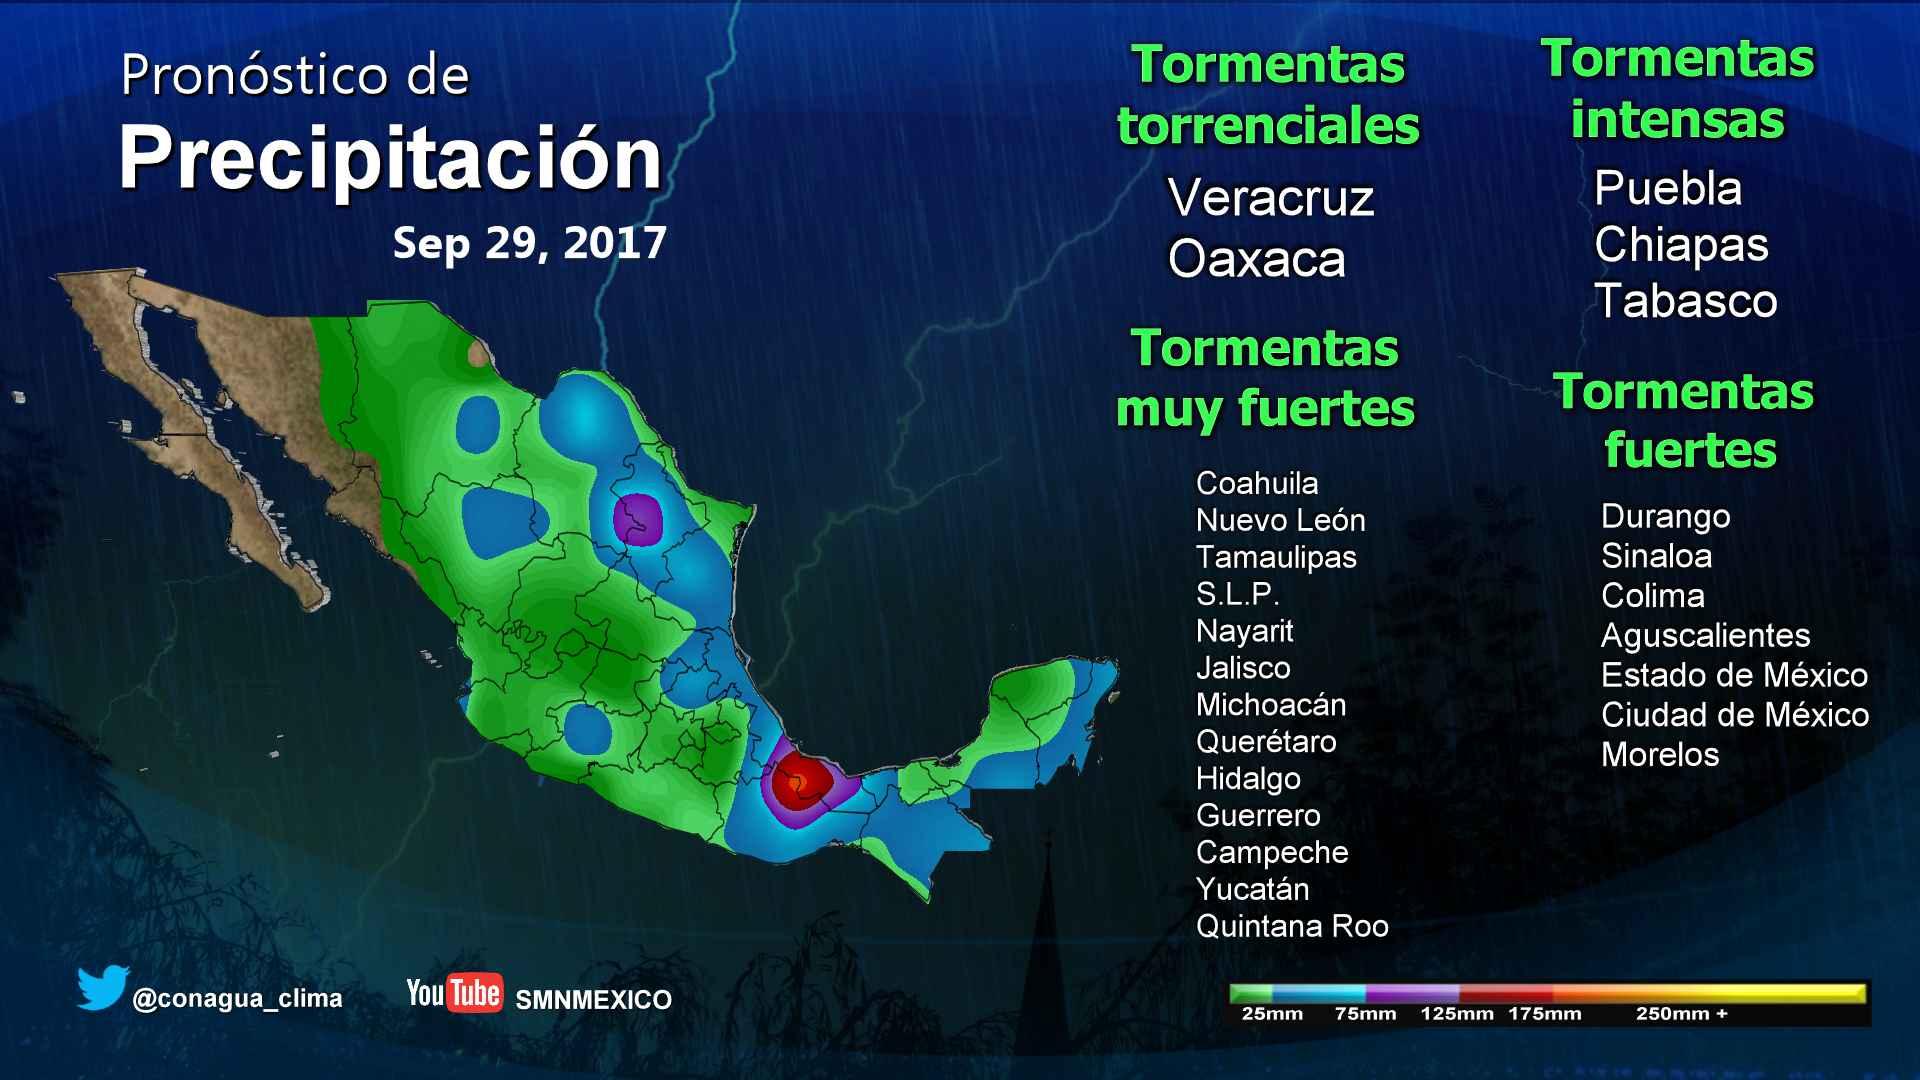 Para las próximas horas se pronostican tormentas torrenciales en Veracruz y Oaxaca